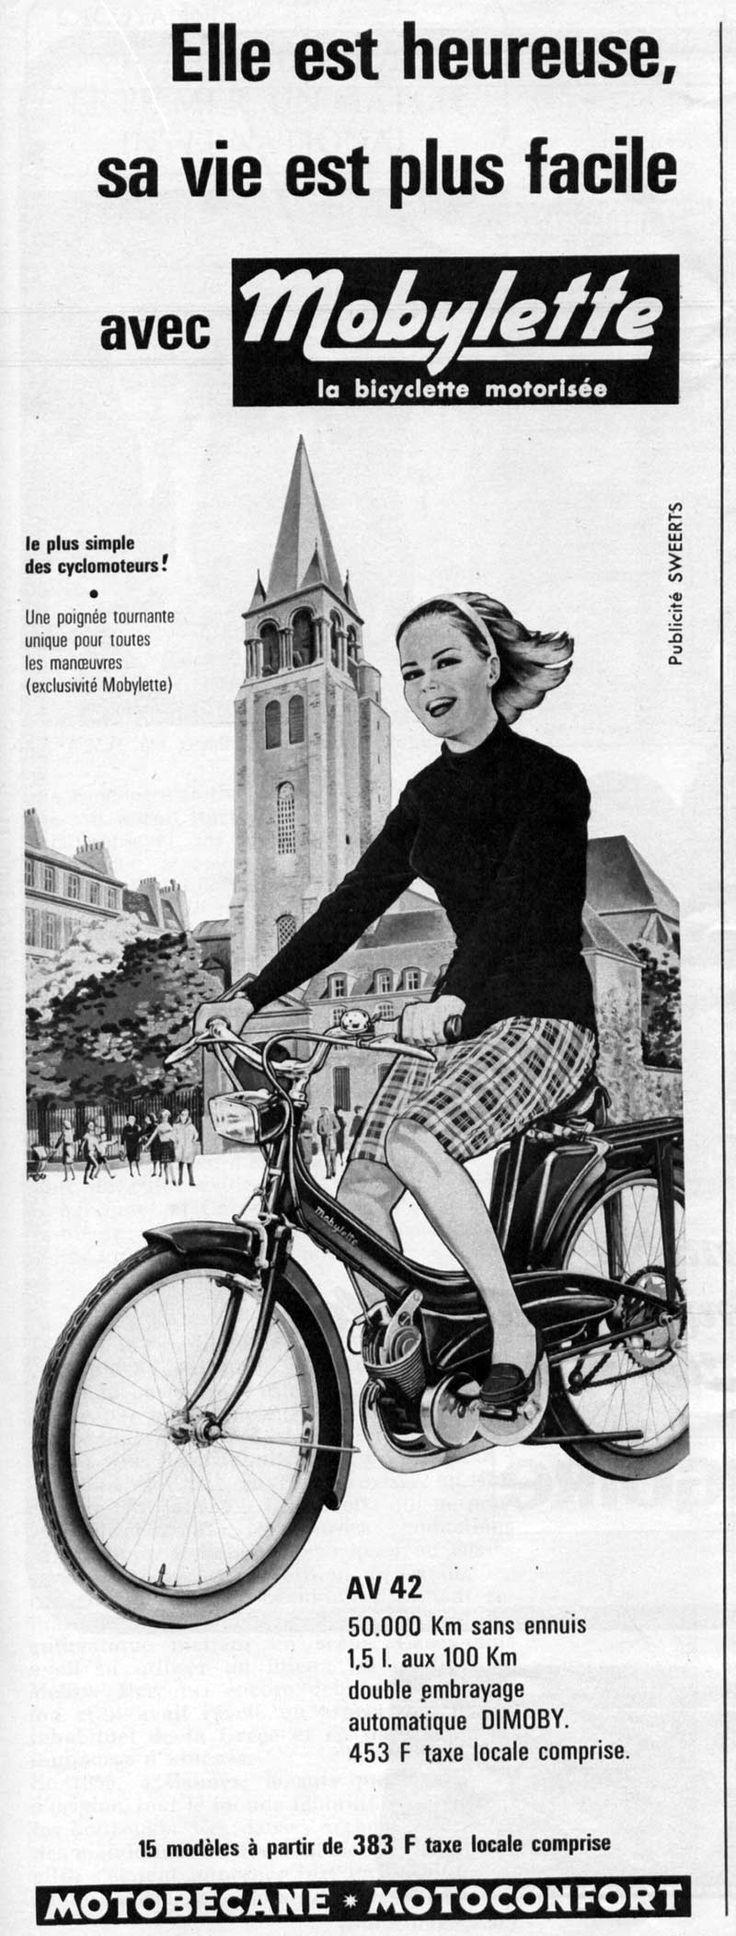 Publicité cyclomoteur Mobylette, Motobecane, Motoconfort, Mobylette AV42 de 1965